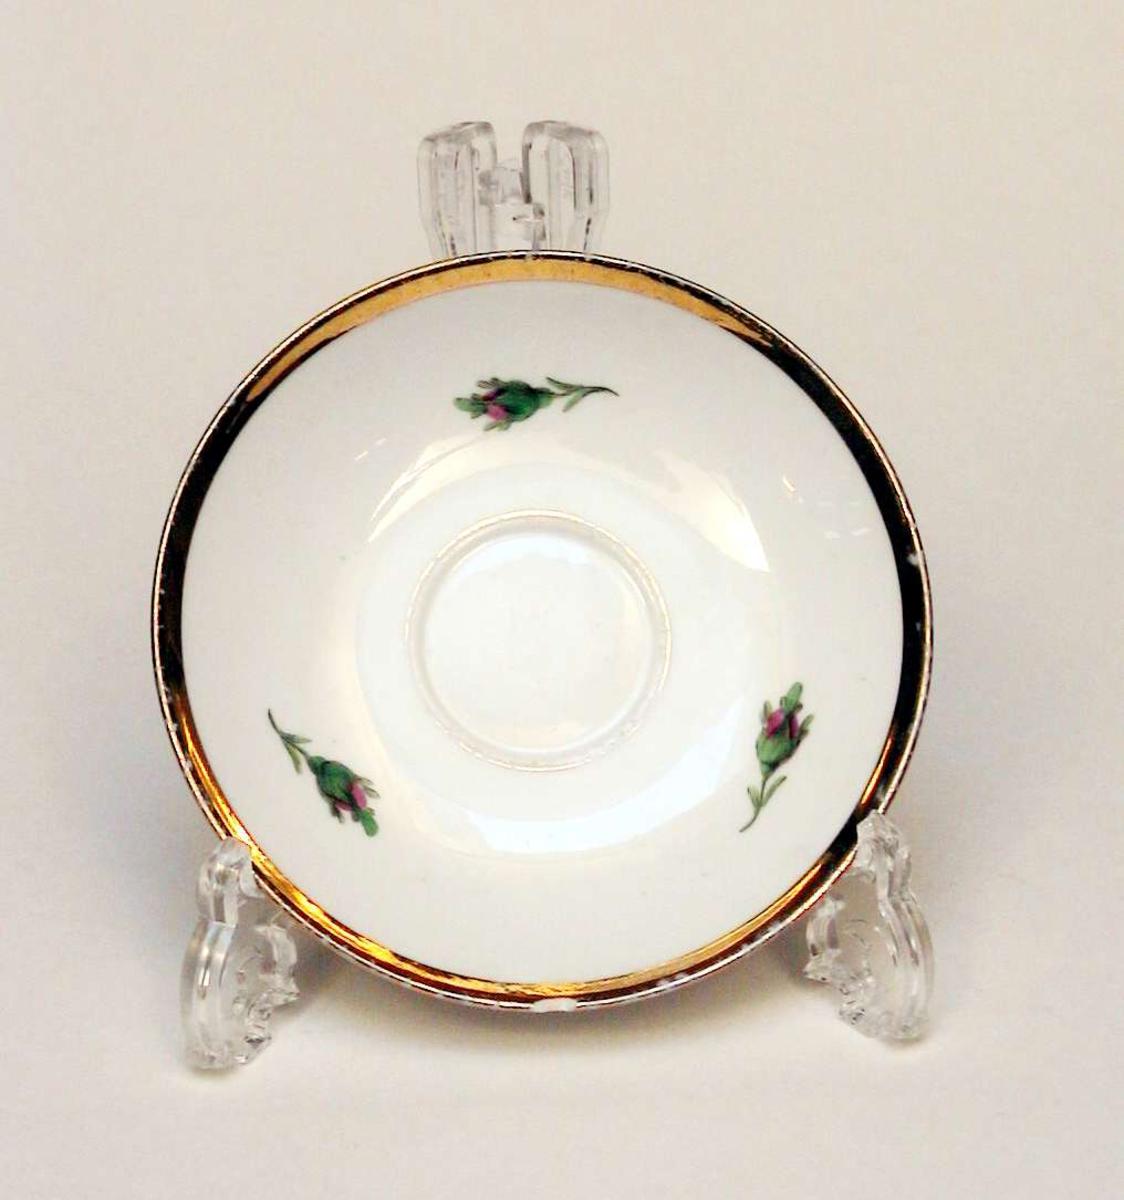 Skål i hvit porselen med blomsterdekor og gullkant. Det er hakk i skålen. Skålen har fabrikkmerke (Meissen) og malersignatur.